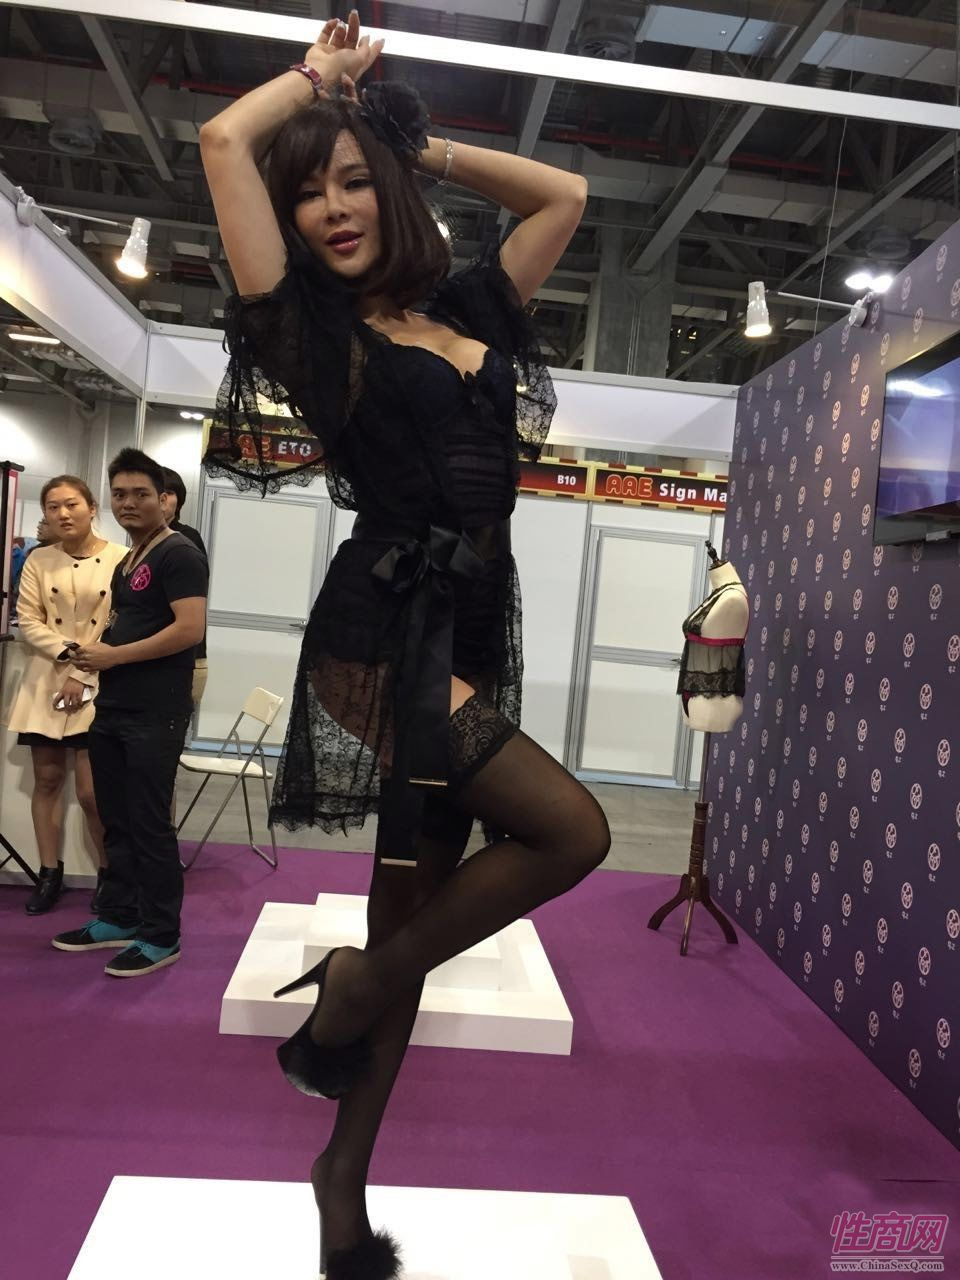 模特展示参展商的情趣内衣